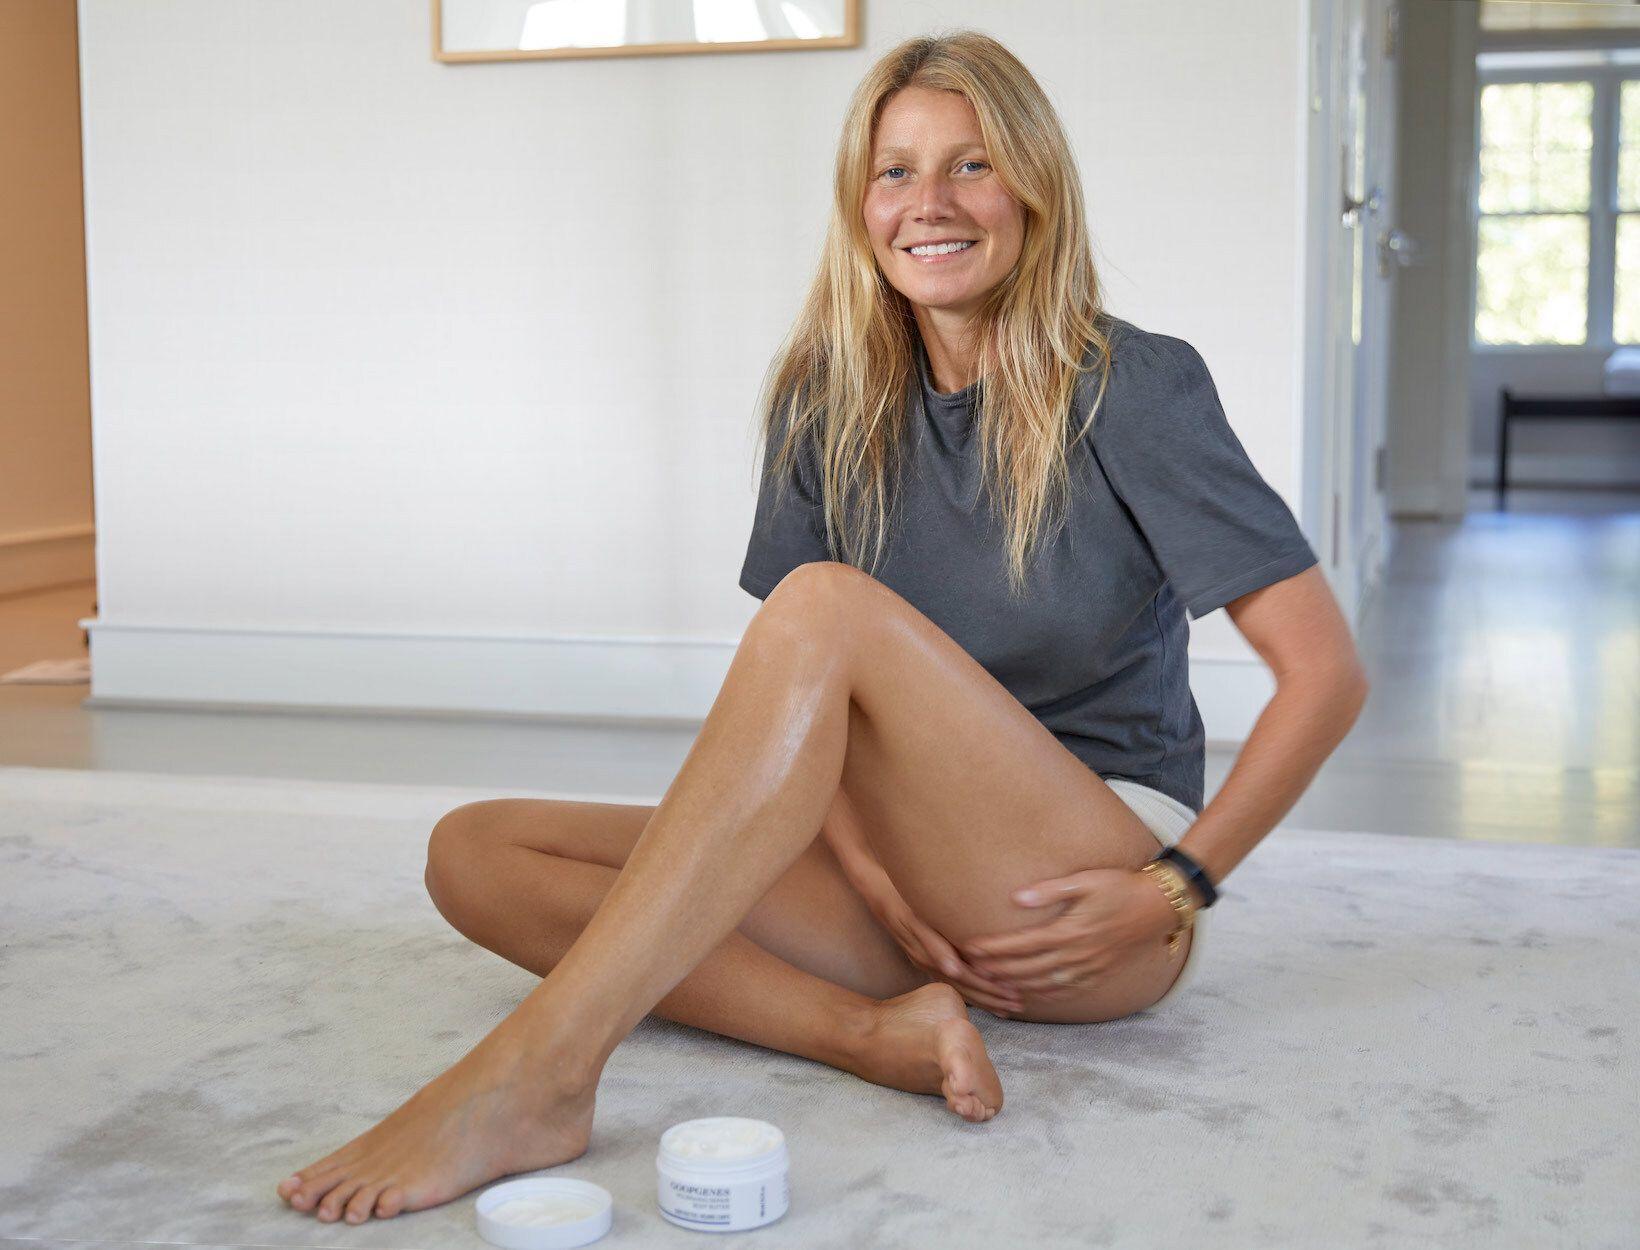 Gwyneth Paltrow Feet